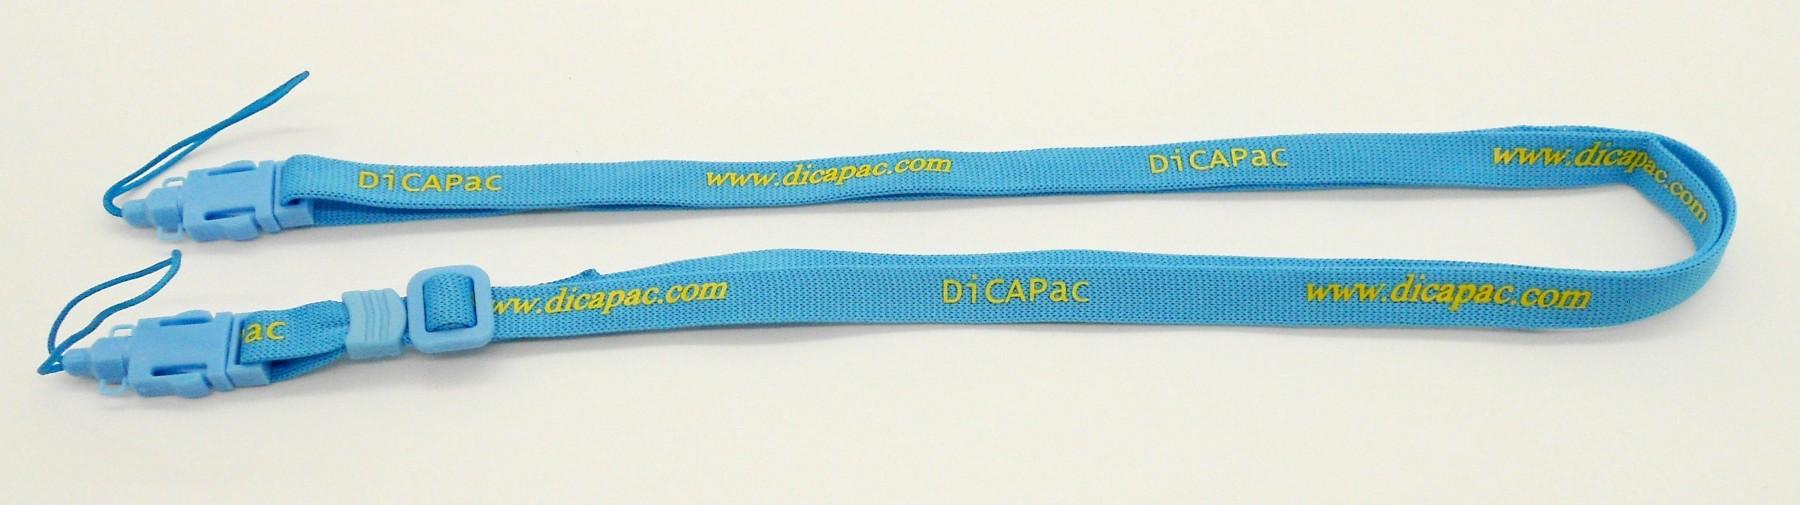 dicapac ersatzteil trageriehmen neck strap viele dicapac modelle - blau